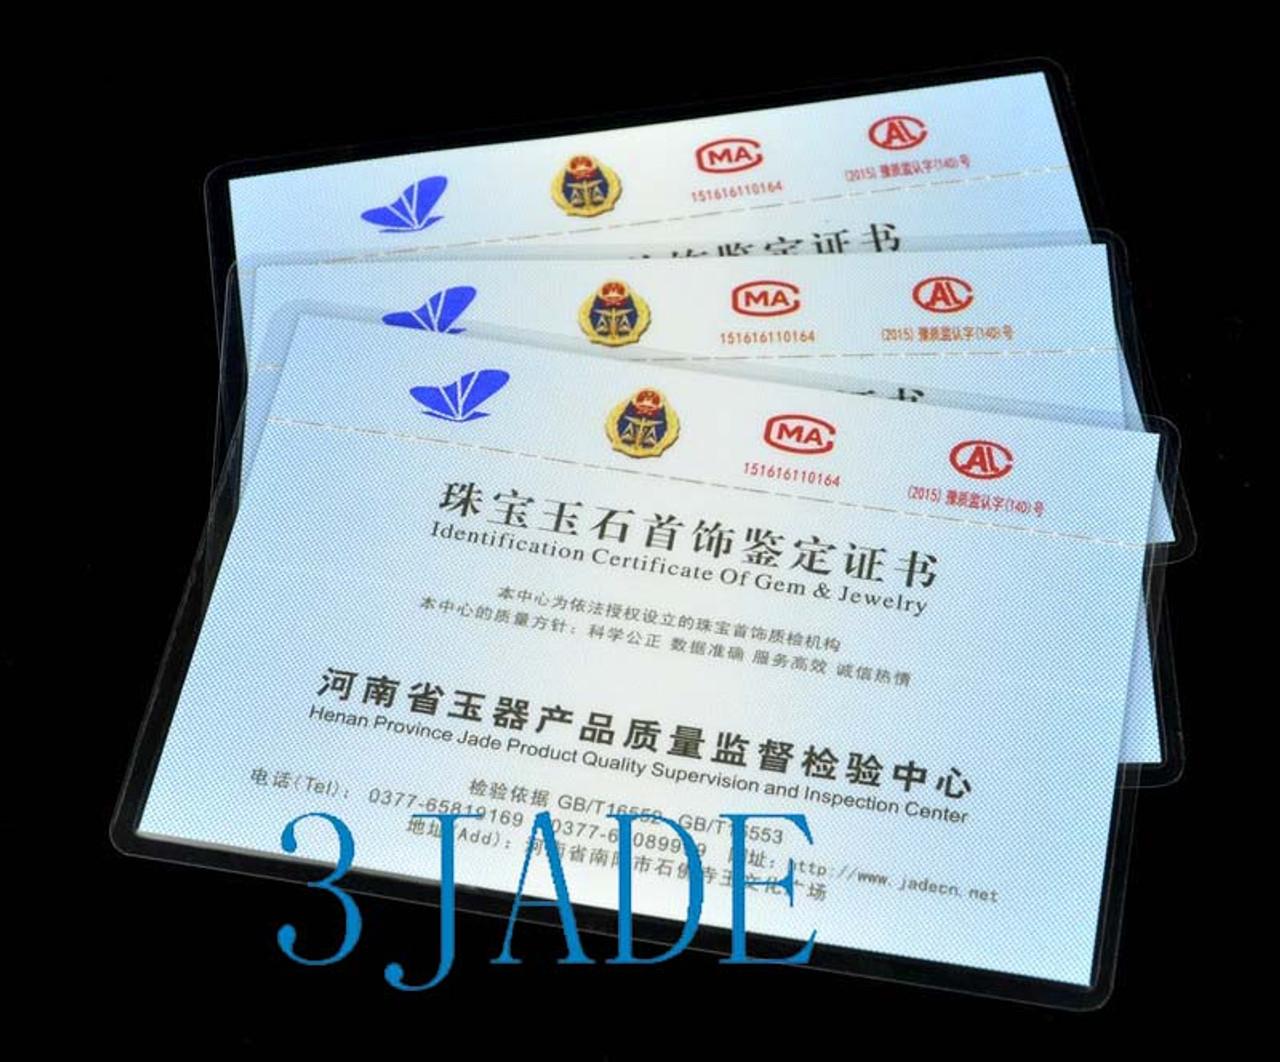 87-88.5mm Huge Black Nephrite Jade Bangle Arm Bracelet Anklet w/ certificate